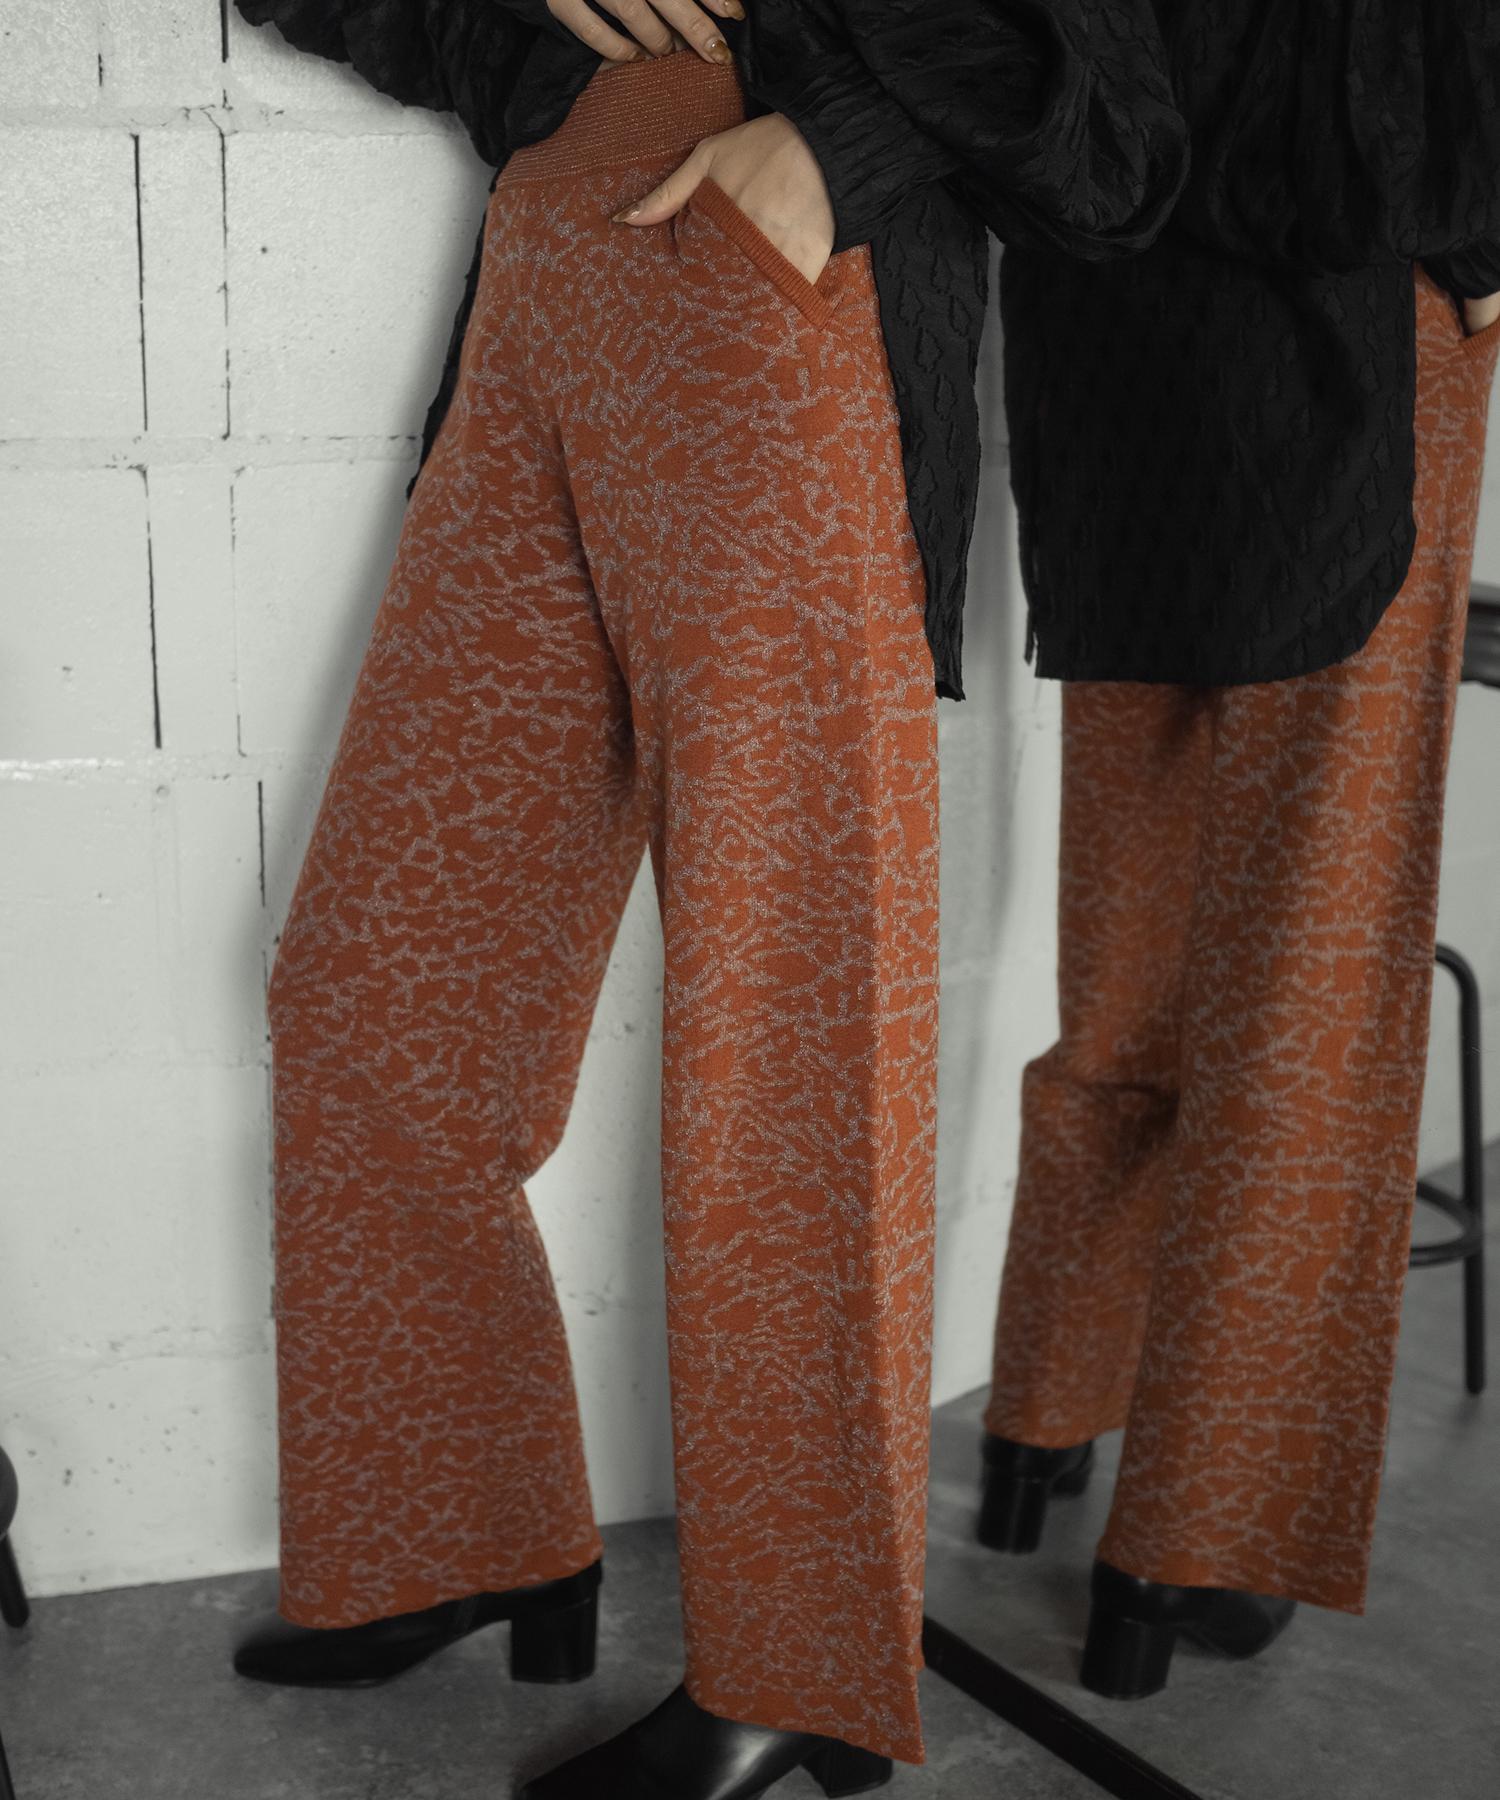 JACQUARD KNIT PANTS(ORANGE)